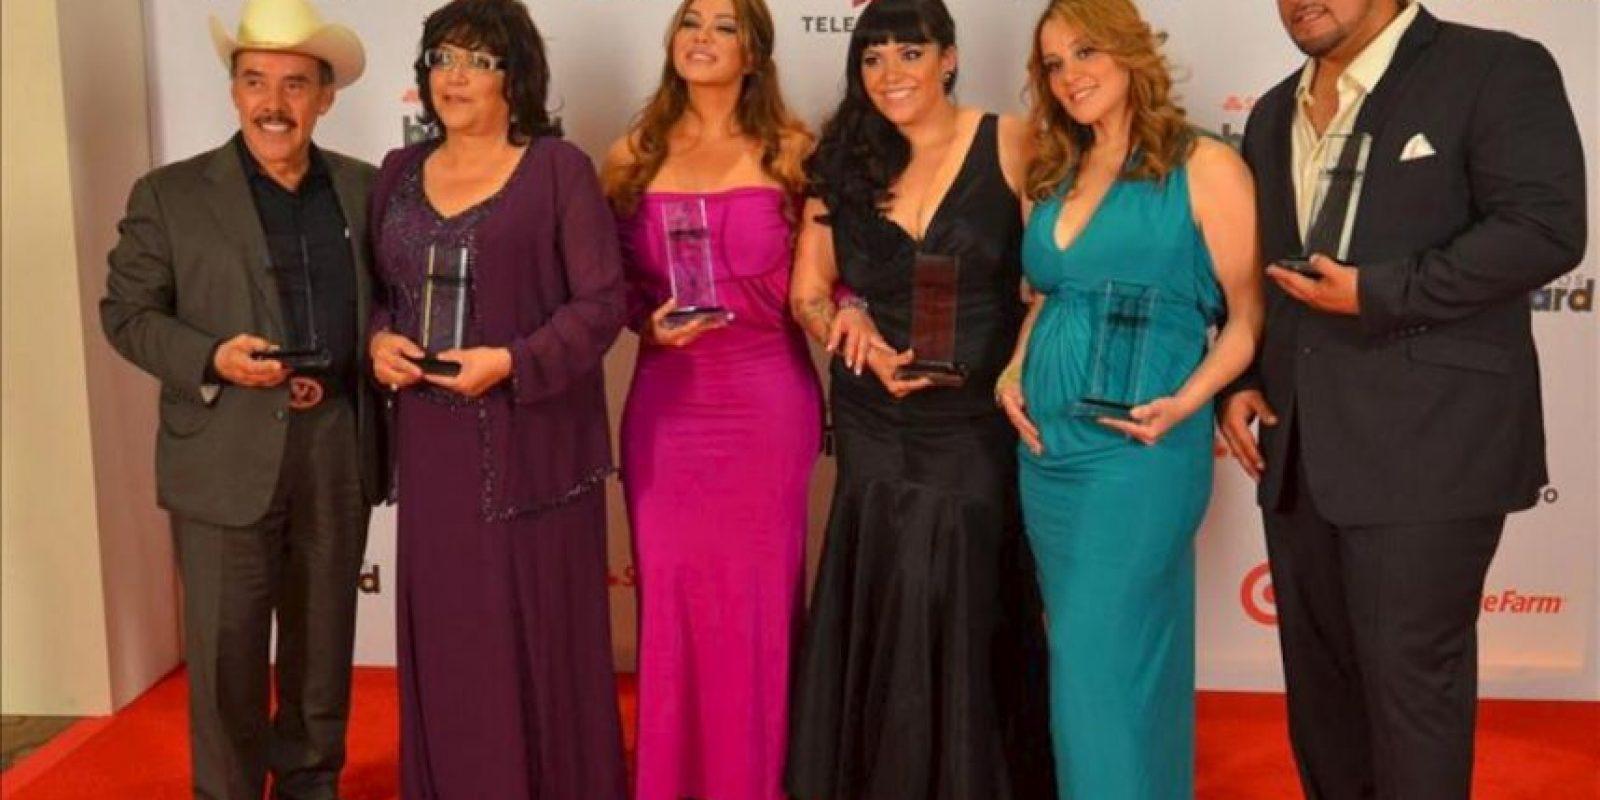 La familia de la cantante Jenny Rivera posa este 25 de abril, durante los Premios Billboard a la Música Latina que se entregan en el BankUnited Center de la Universidad de Miami, Florida (EE.UU.). EFE